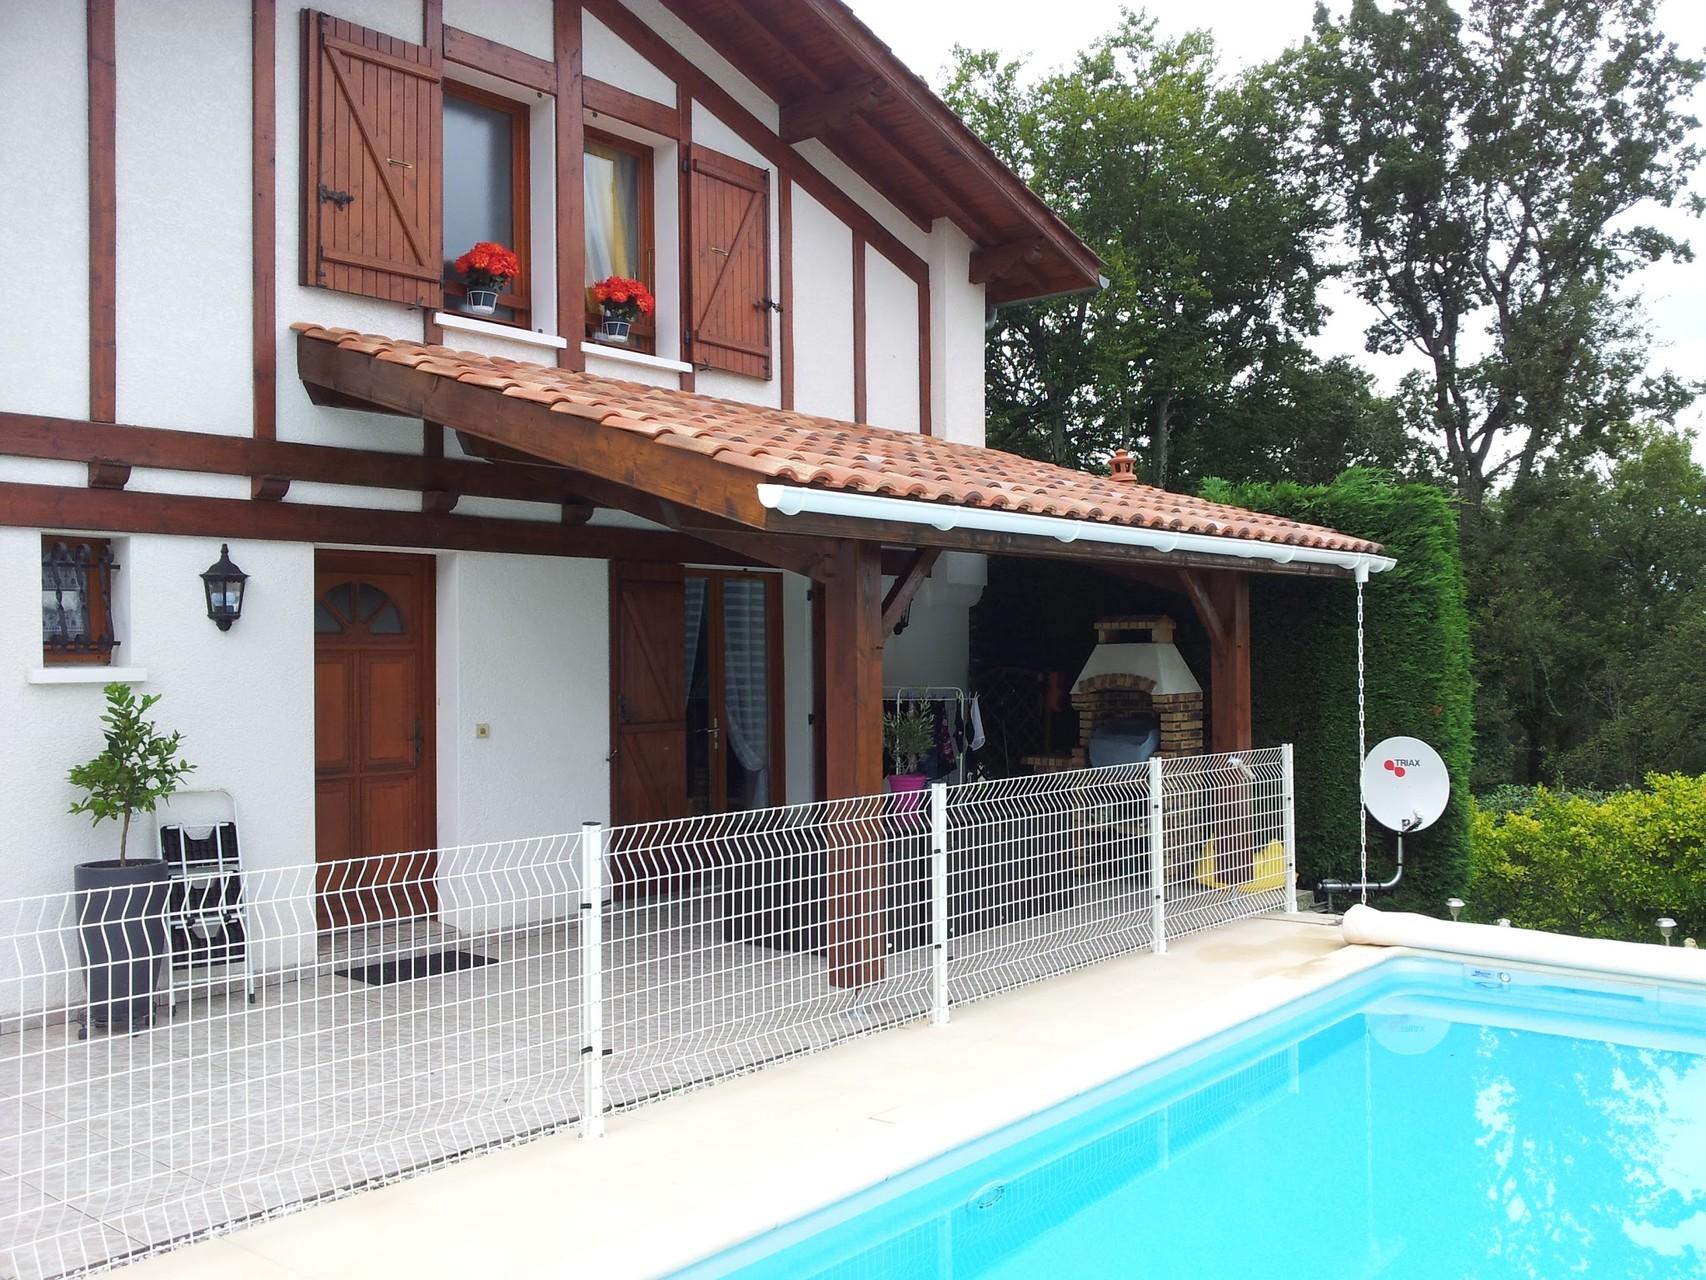 parquet terrasse demoussage structure bois plots r glables lambourde terrasses bois anglet. Black Bedroom Furniture Sets. Home Design Ideas